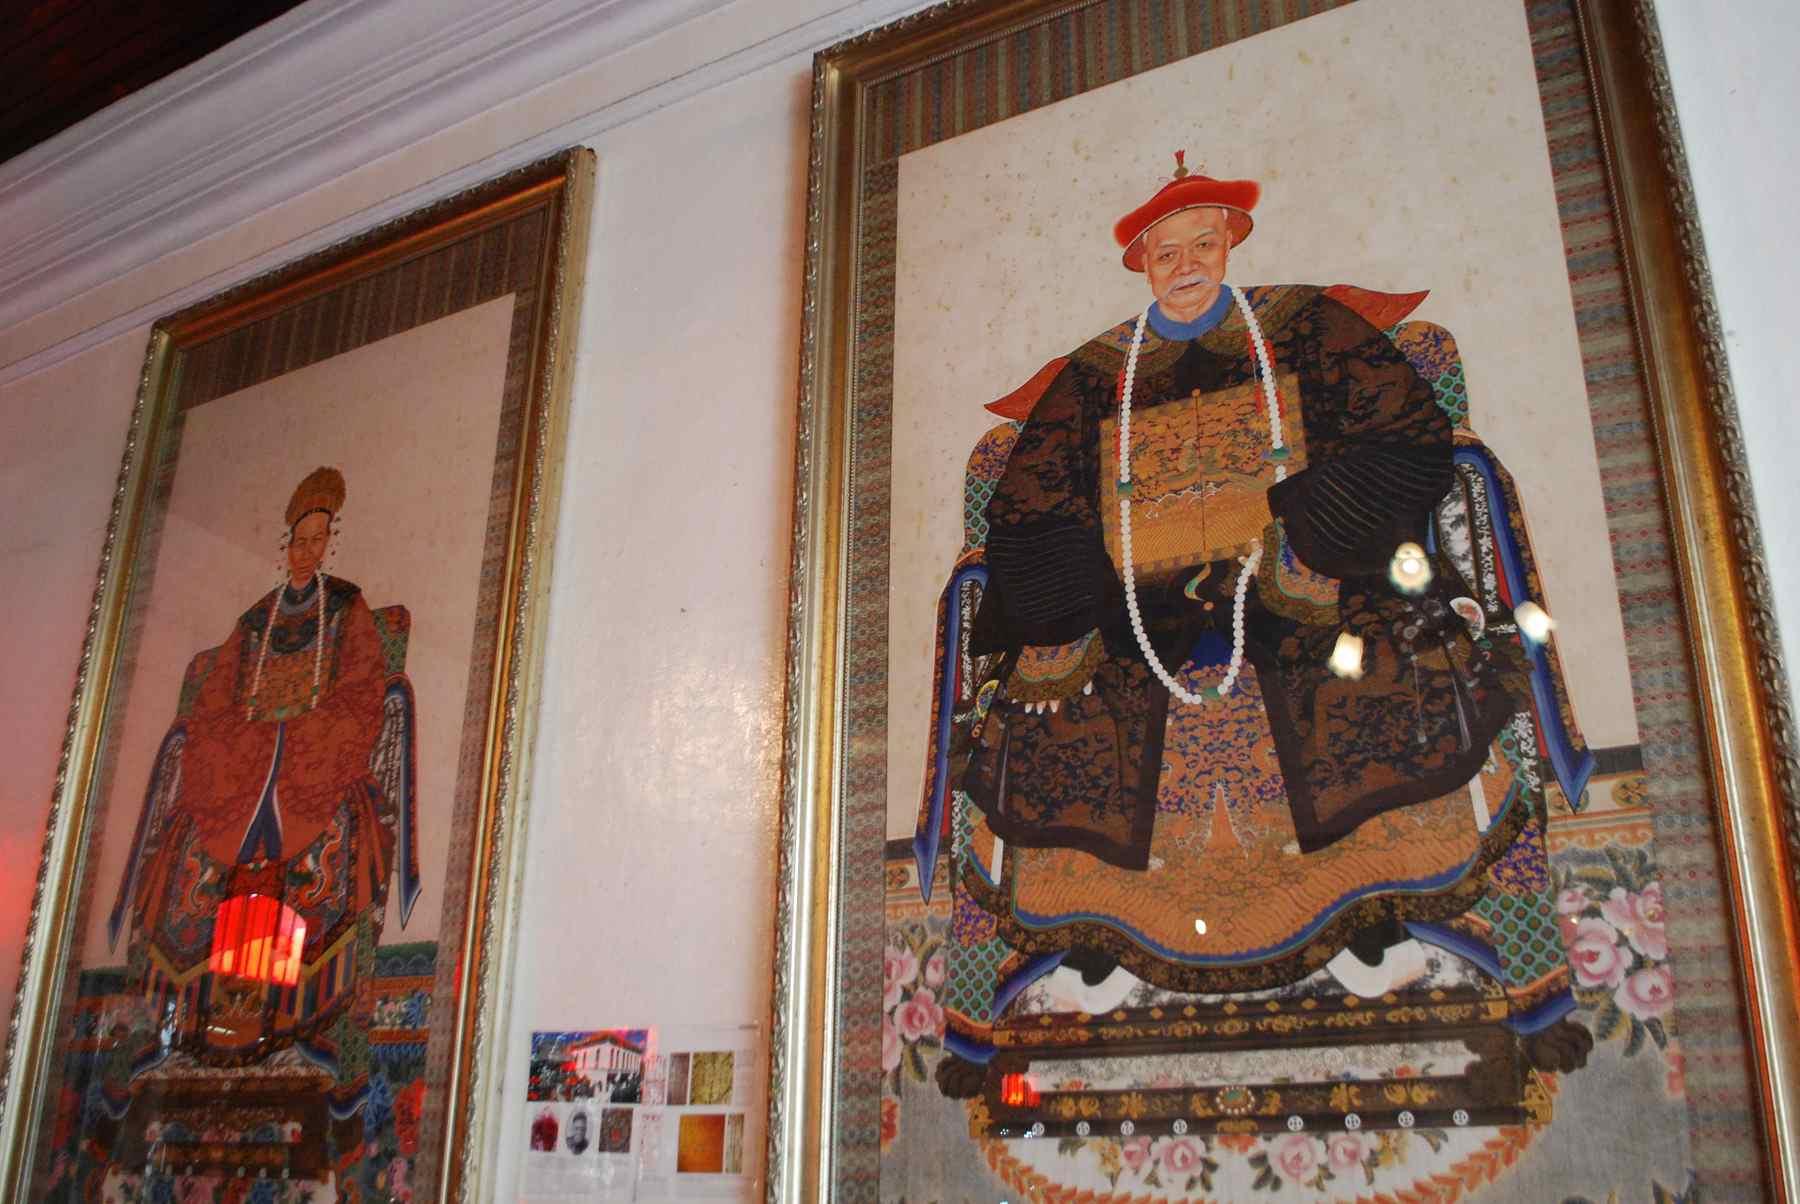 Ancestors' portraits at the Peranakan Museum